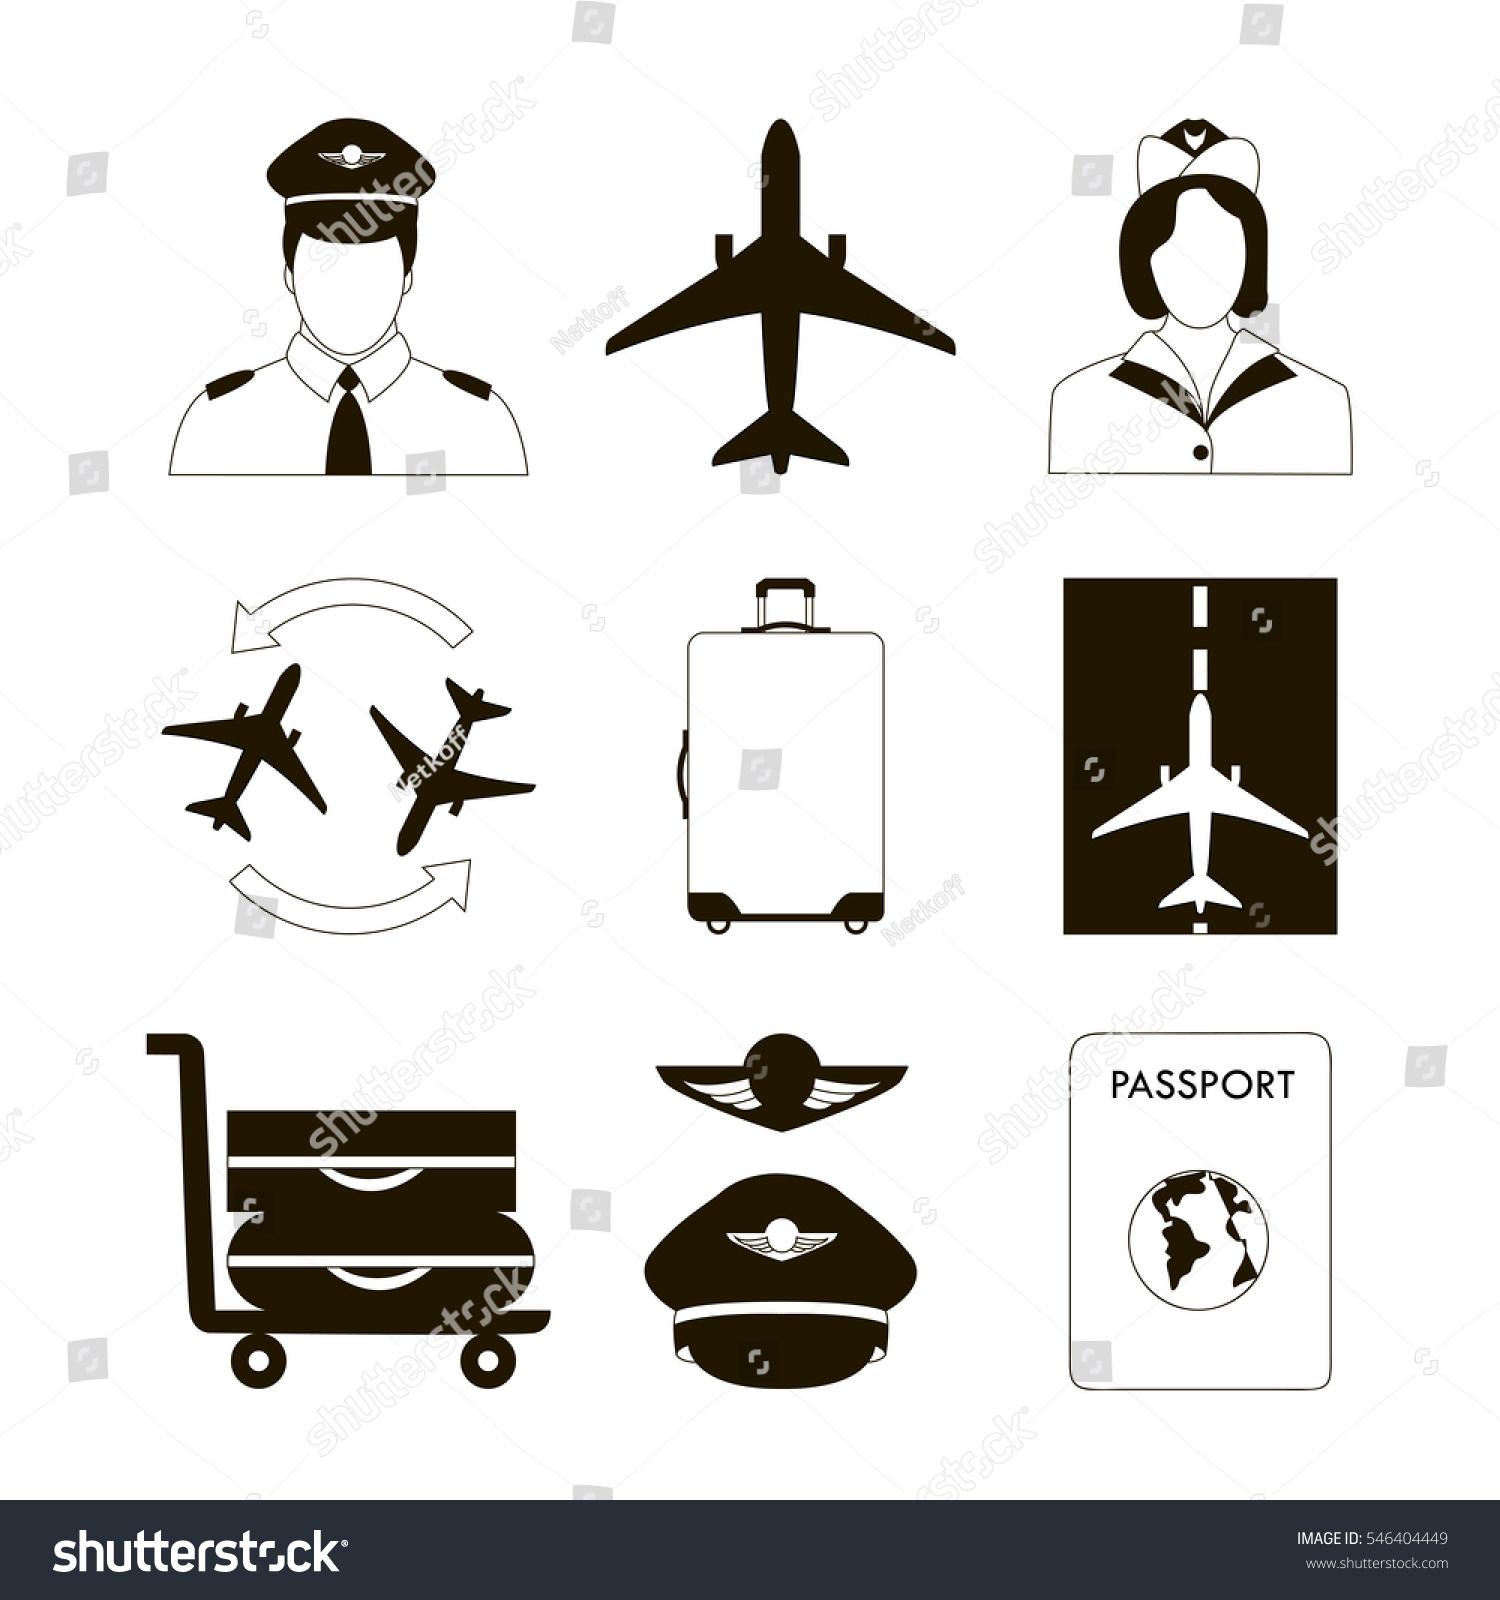 Самолет пилот абстракция